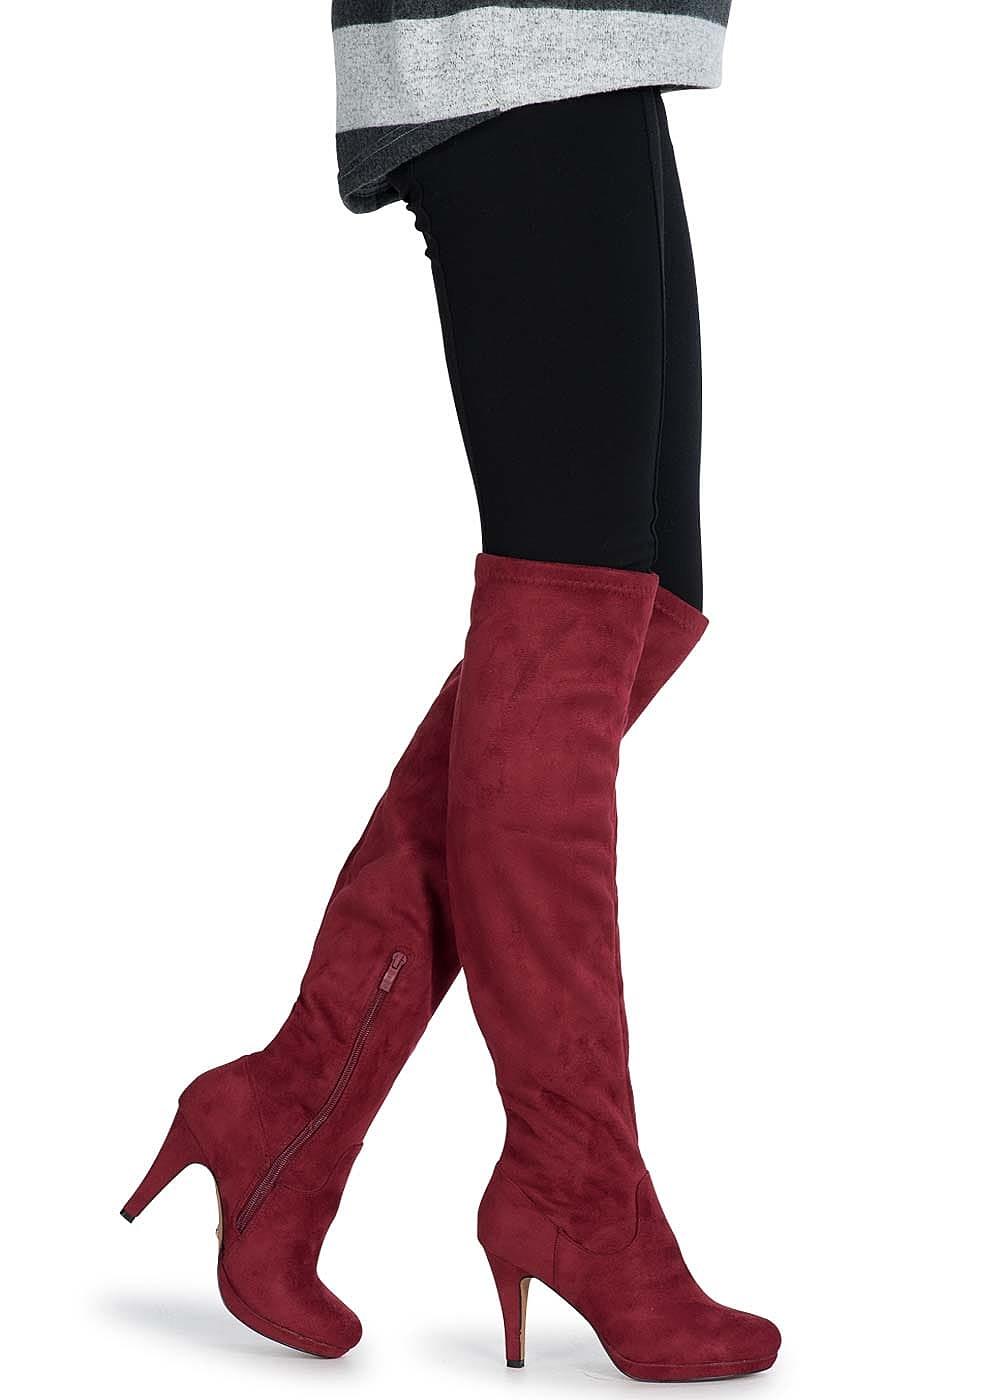 1cefe406b09940 Seventyseven Lifestyle Schuh Overknee Stiefel schmaler Absatz 9cm ...